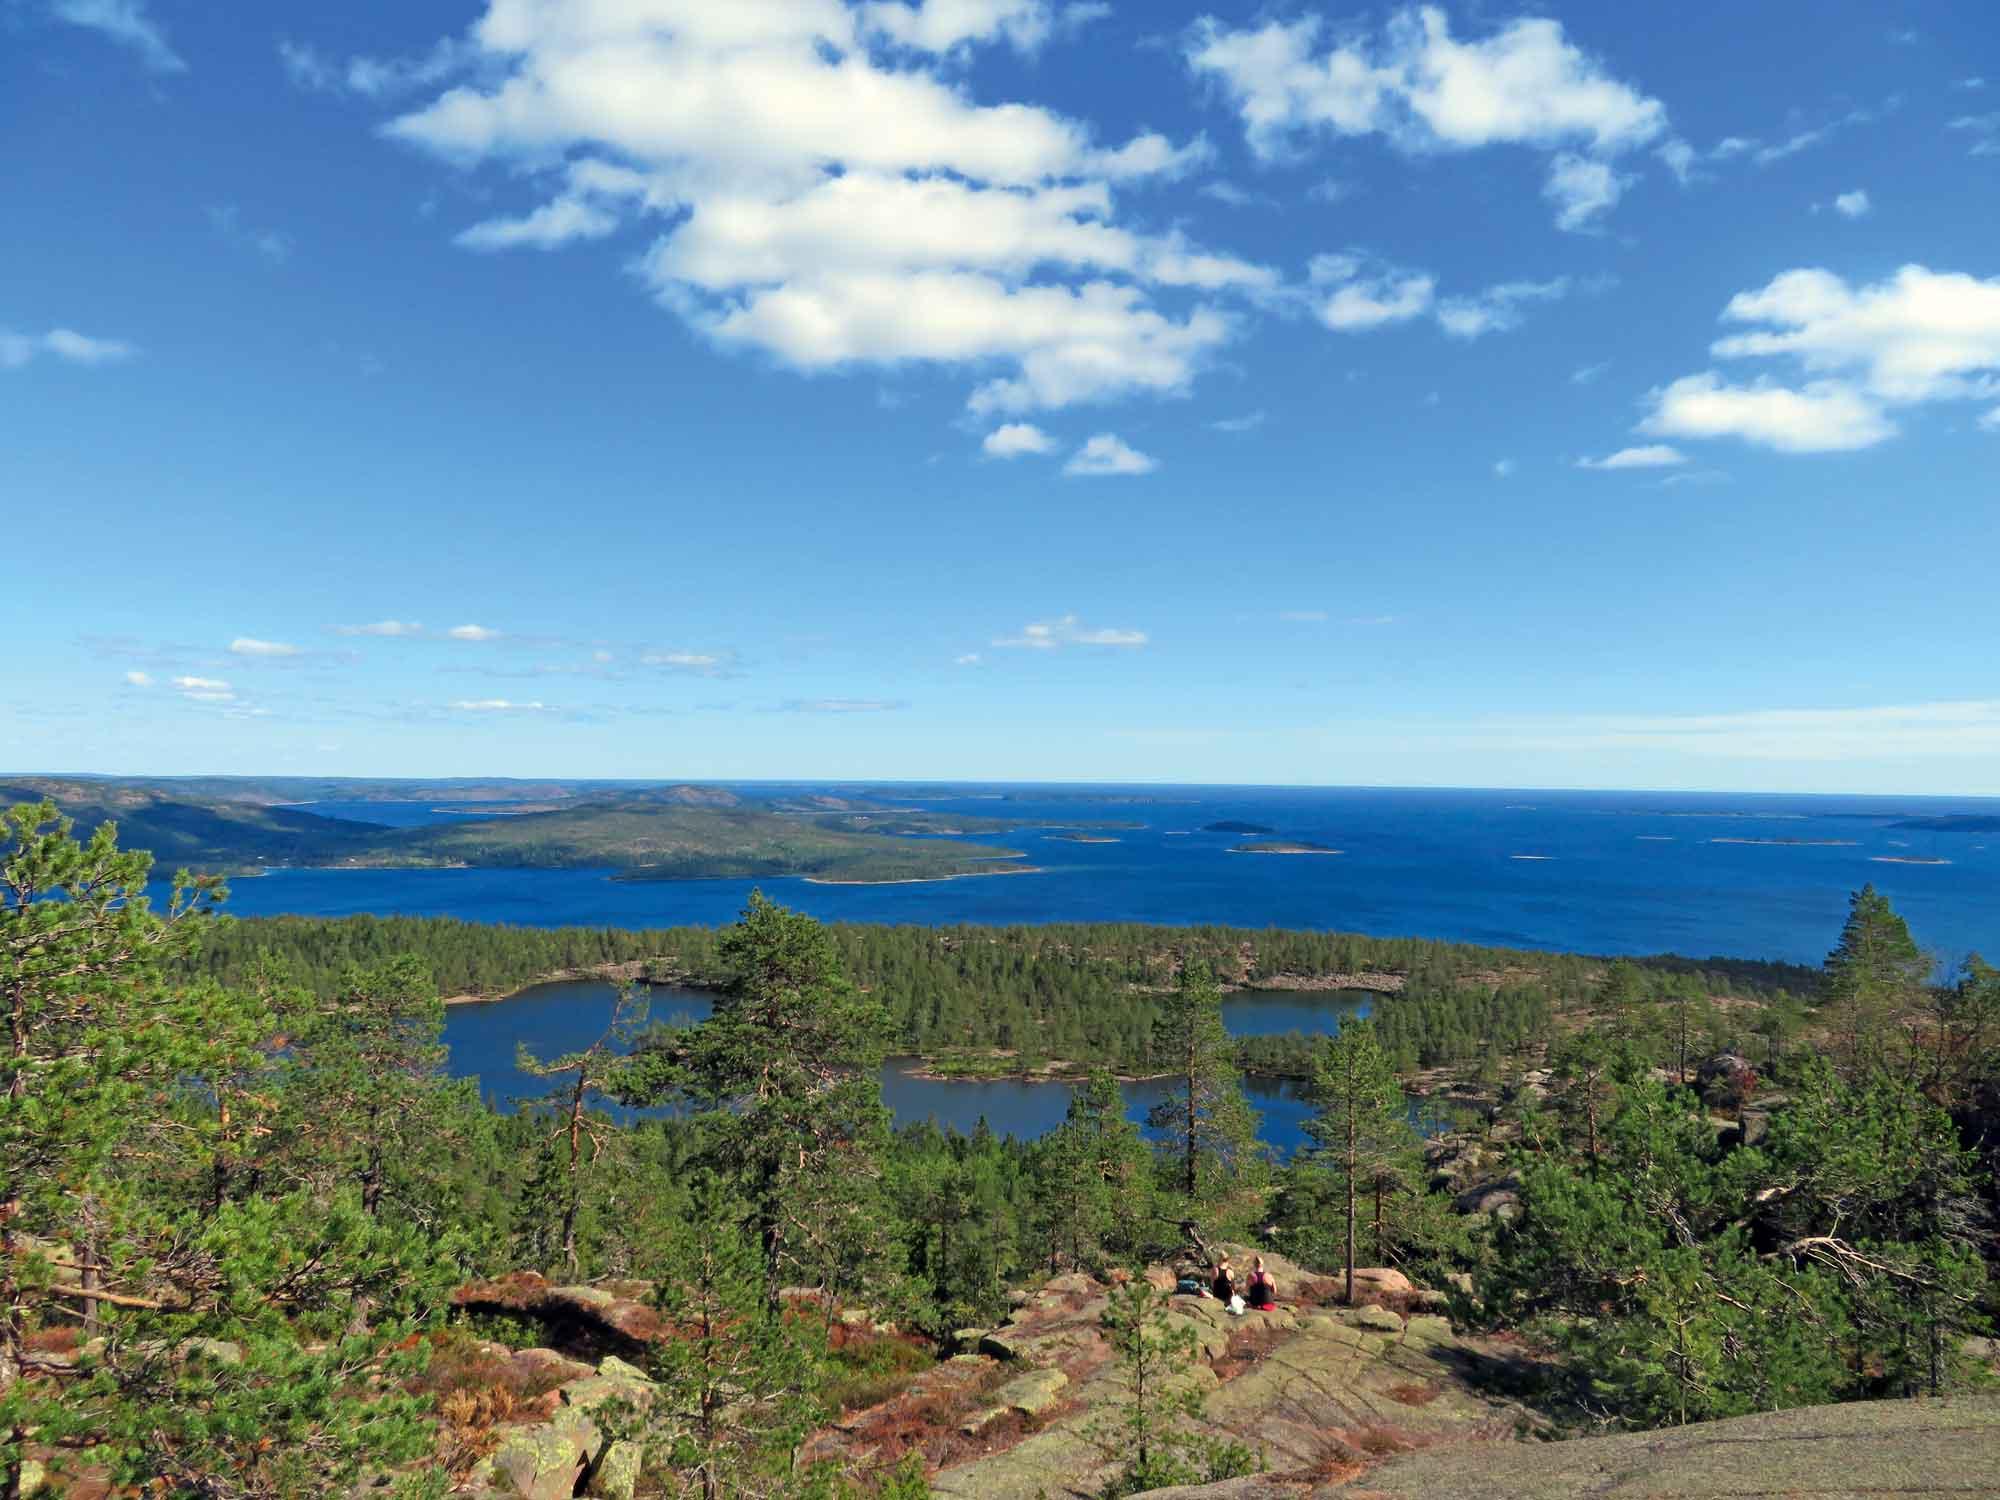 Von der Hochebene des Slåttdalsbergs hat man eine gigantische Aussicht auf die Schärenwelt. Fika mit diesem Meerblick schmeckt besonders lecker, weswegen die meisten Wanderer hier eine Pause zum Picknicken einlegen. © Elisabeth Böker